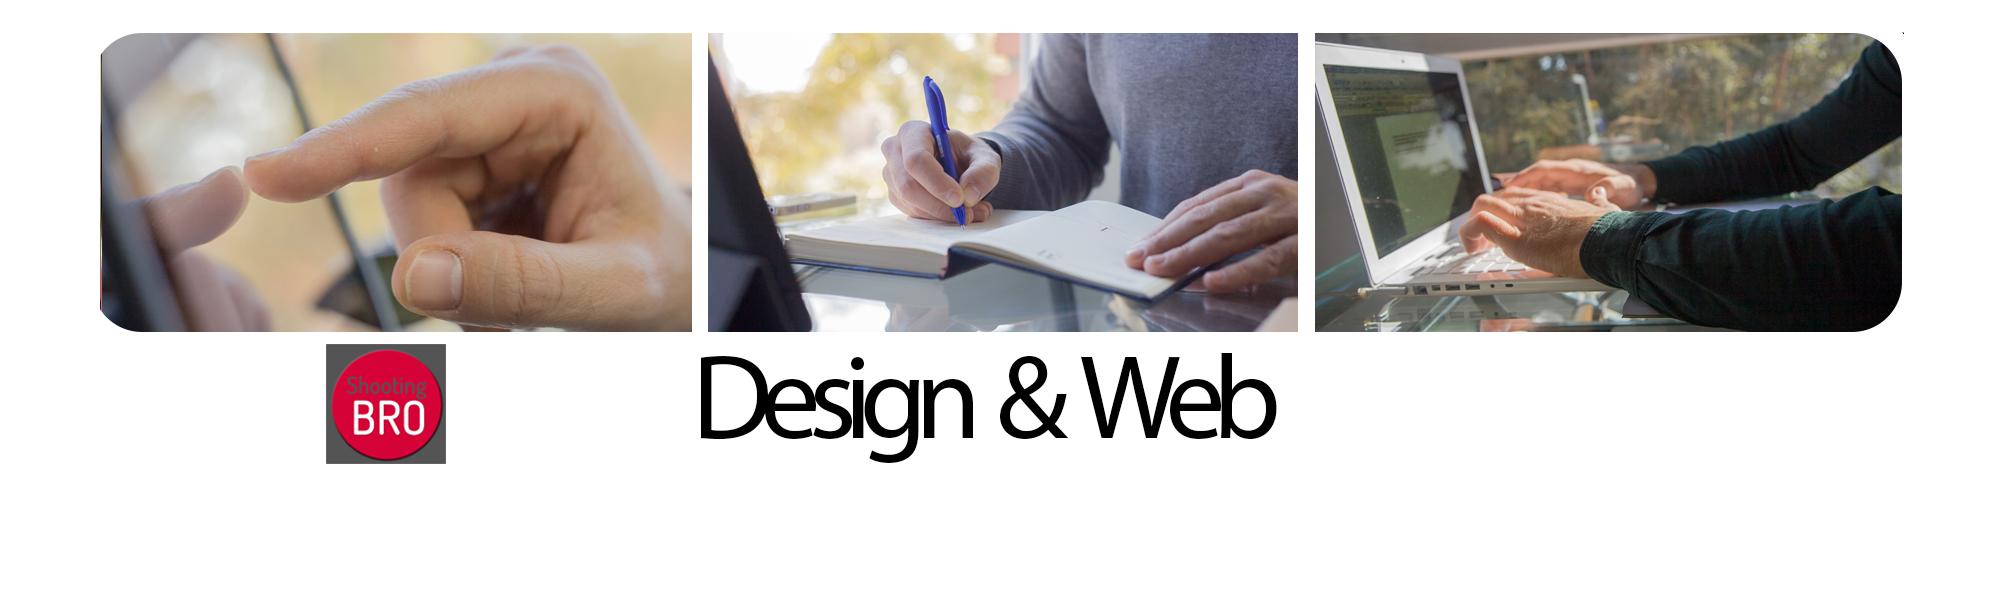 SLIDE VH DESIGN & WEB